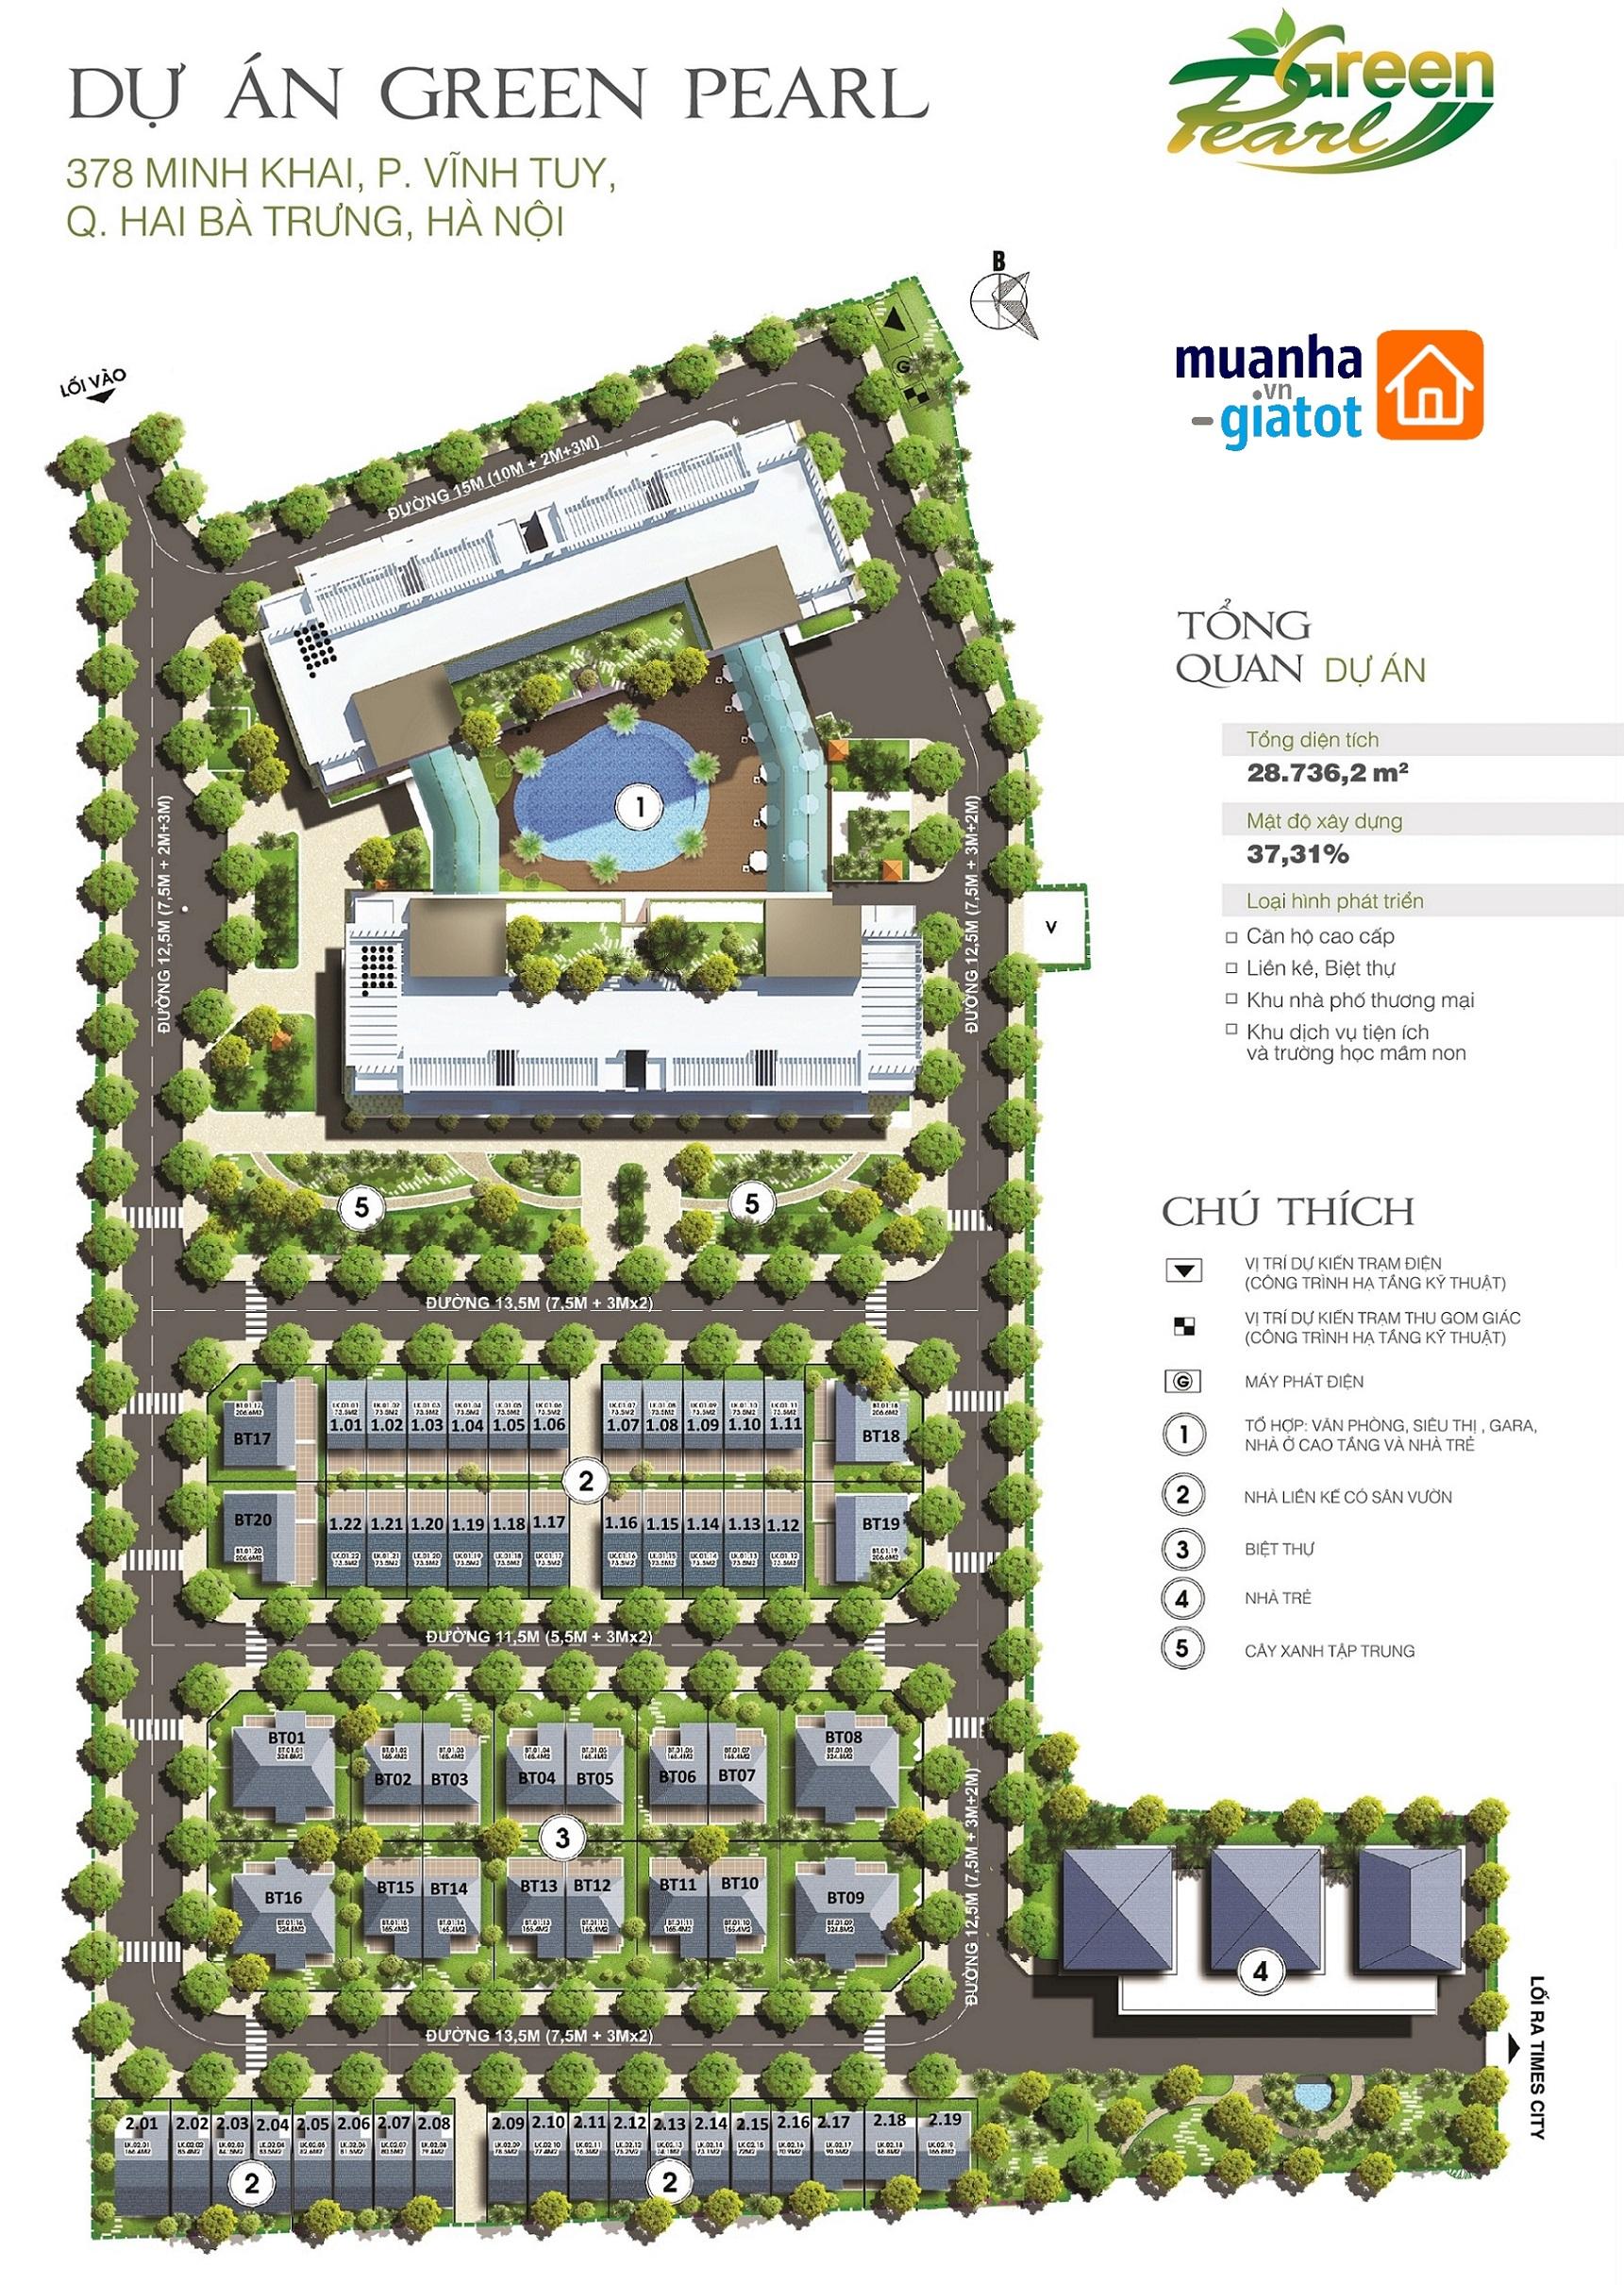 Tổng thể mặt bằng dự án Green Pearl 378 Minh Khai